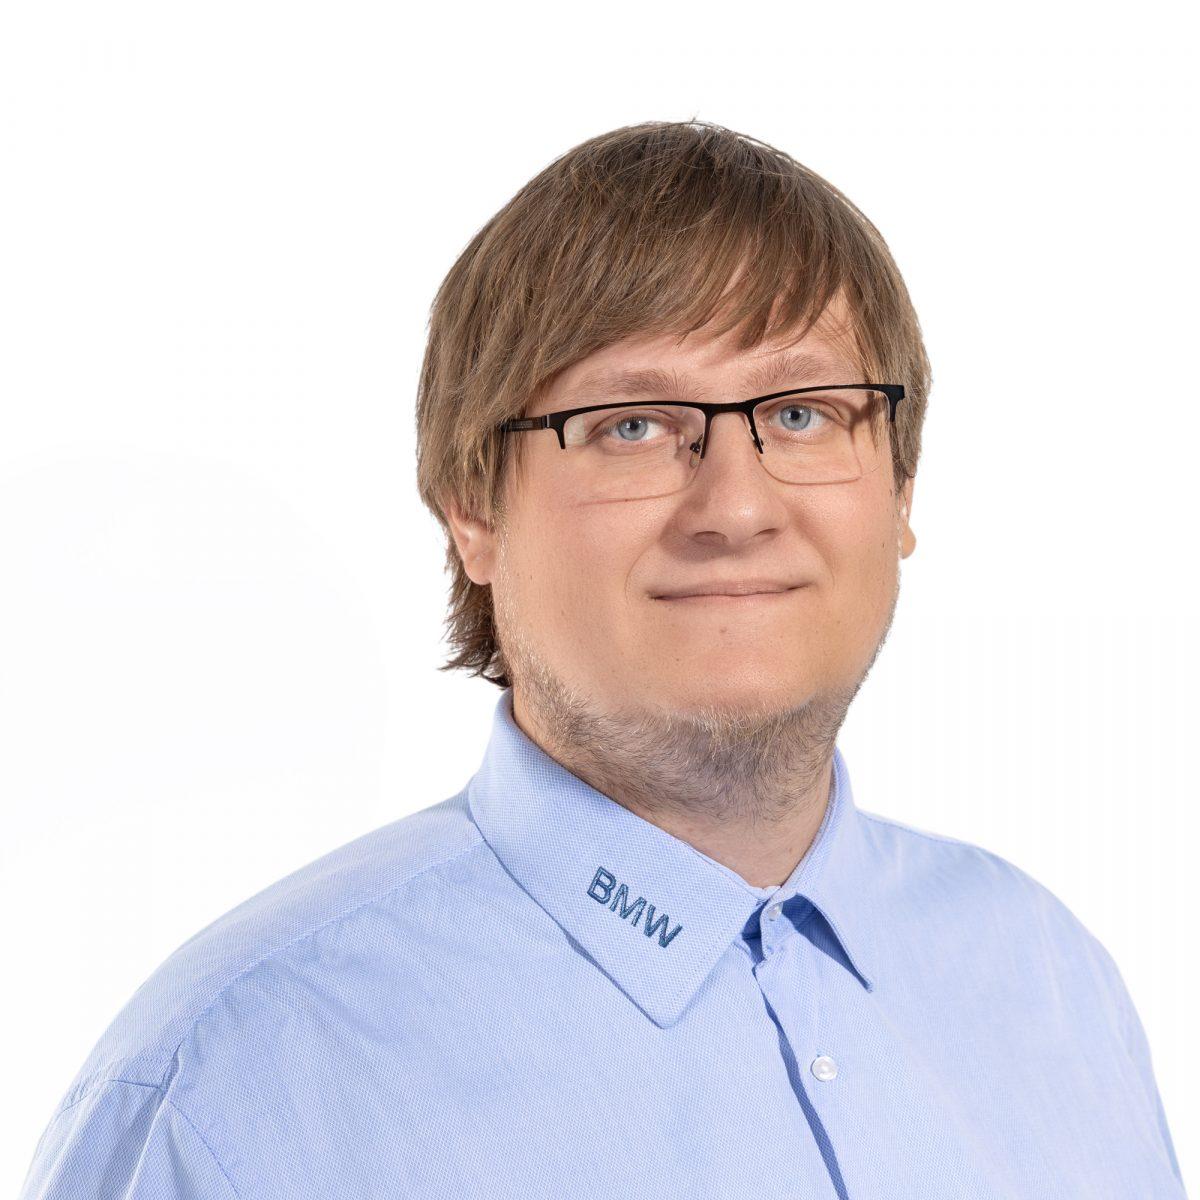 Jan Šenekl